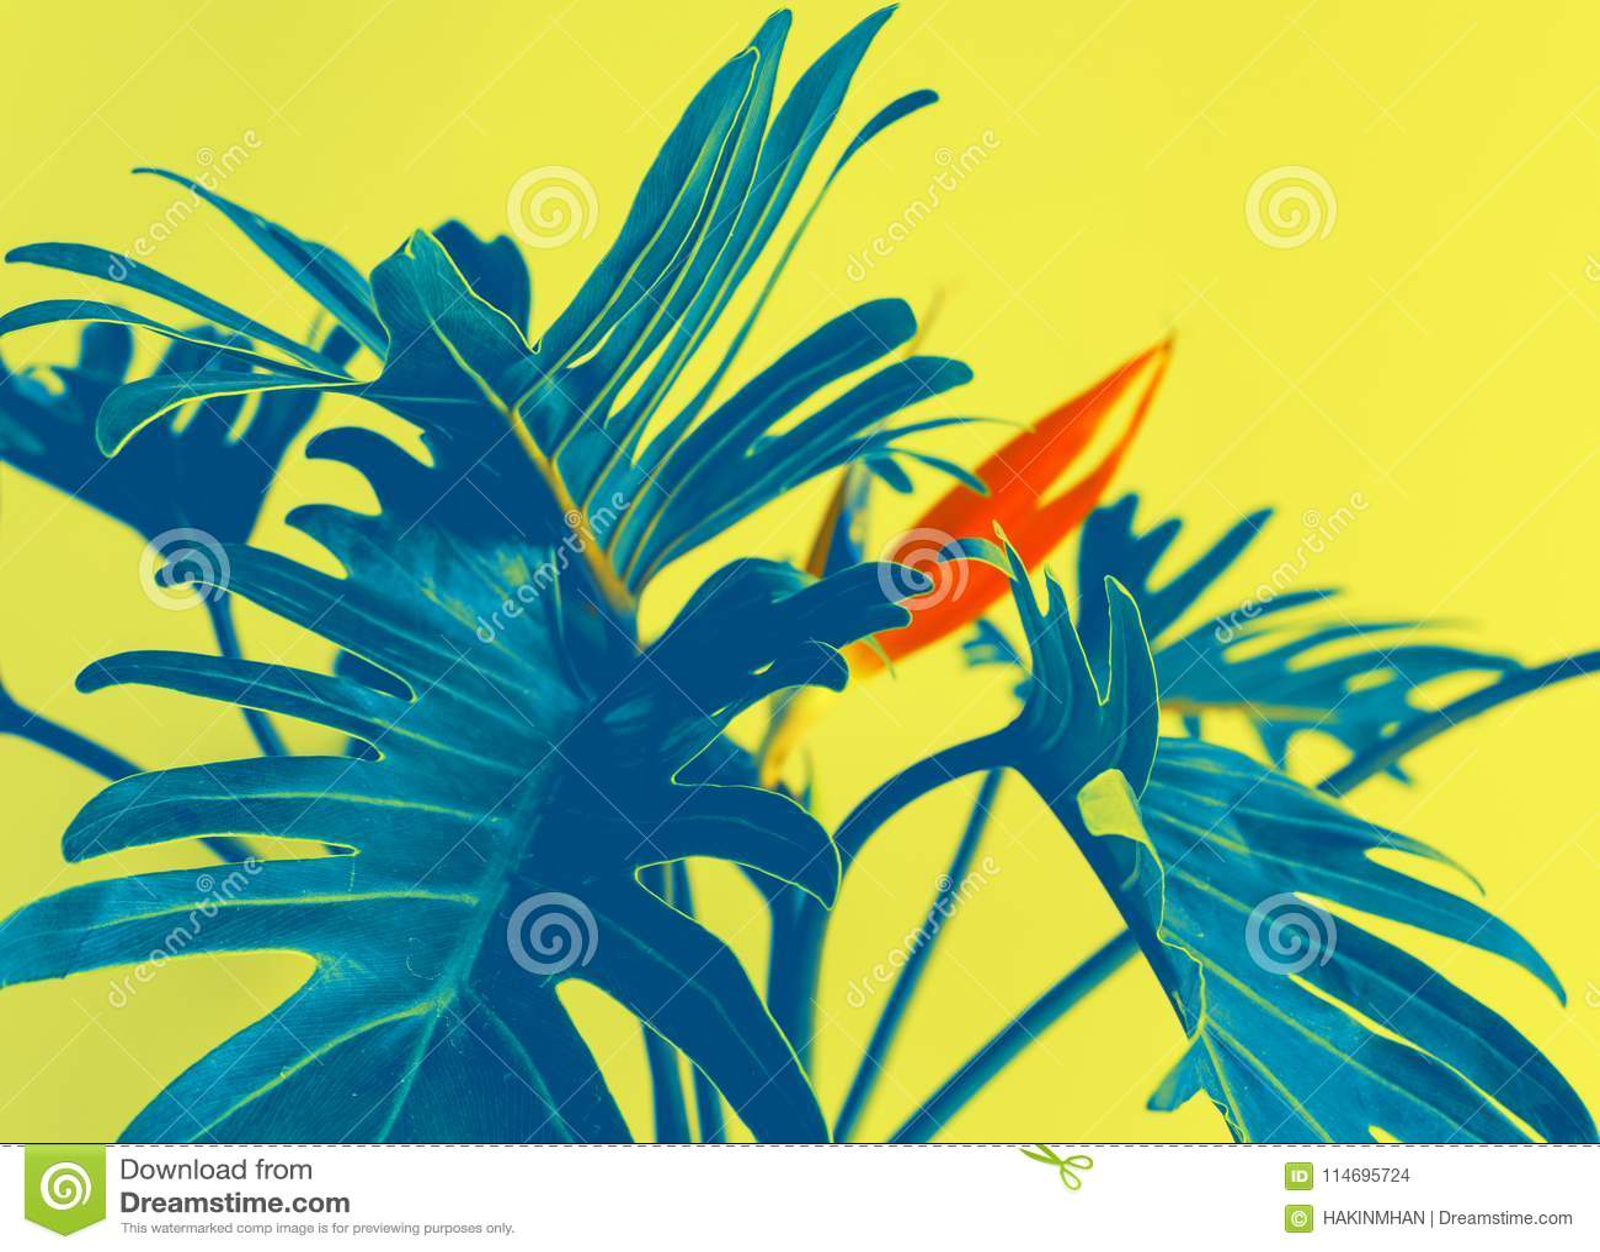 Bunt von exotischen tropischen Blume strelizia und xanadu Blättern